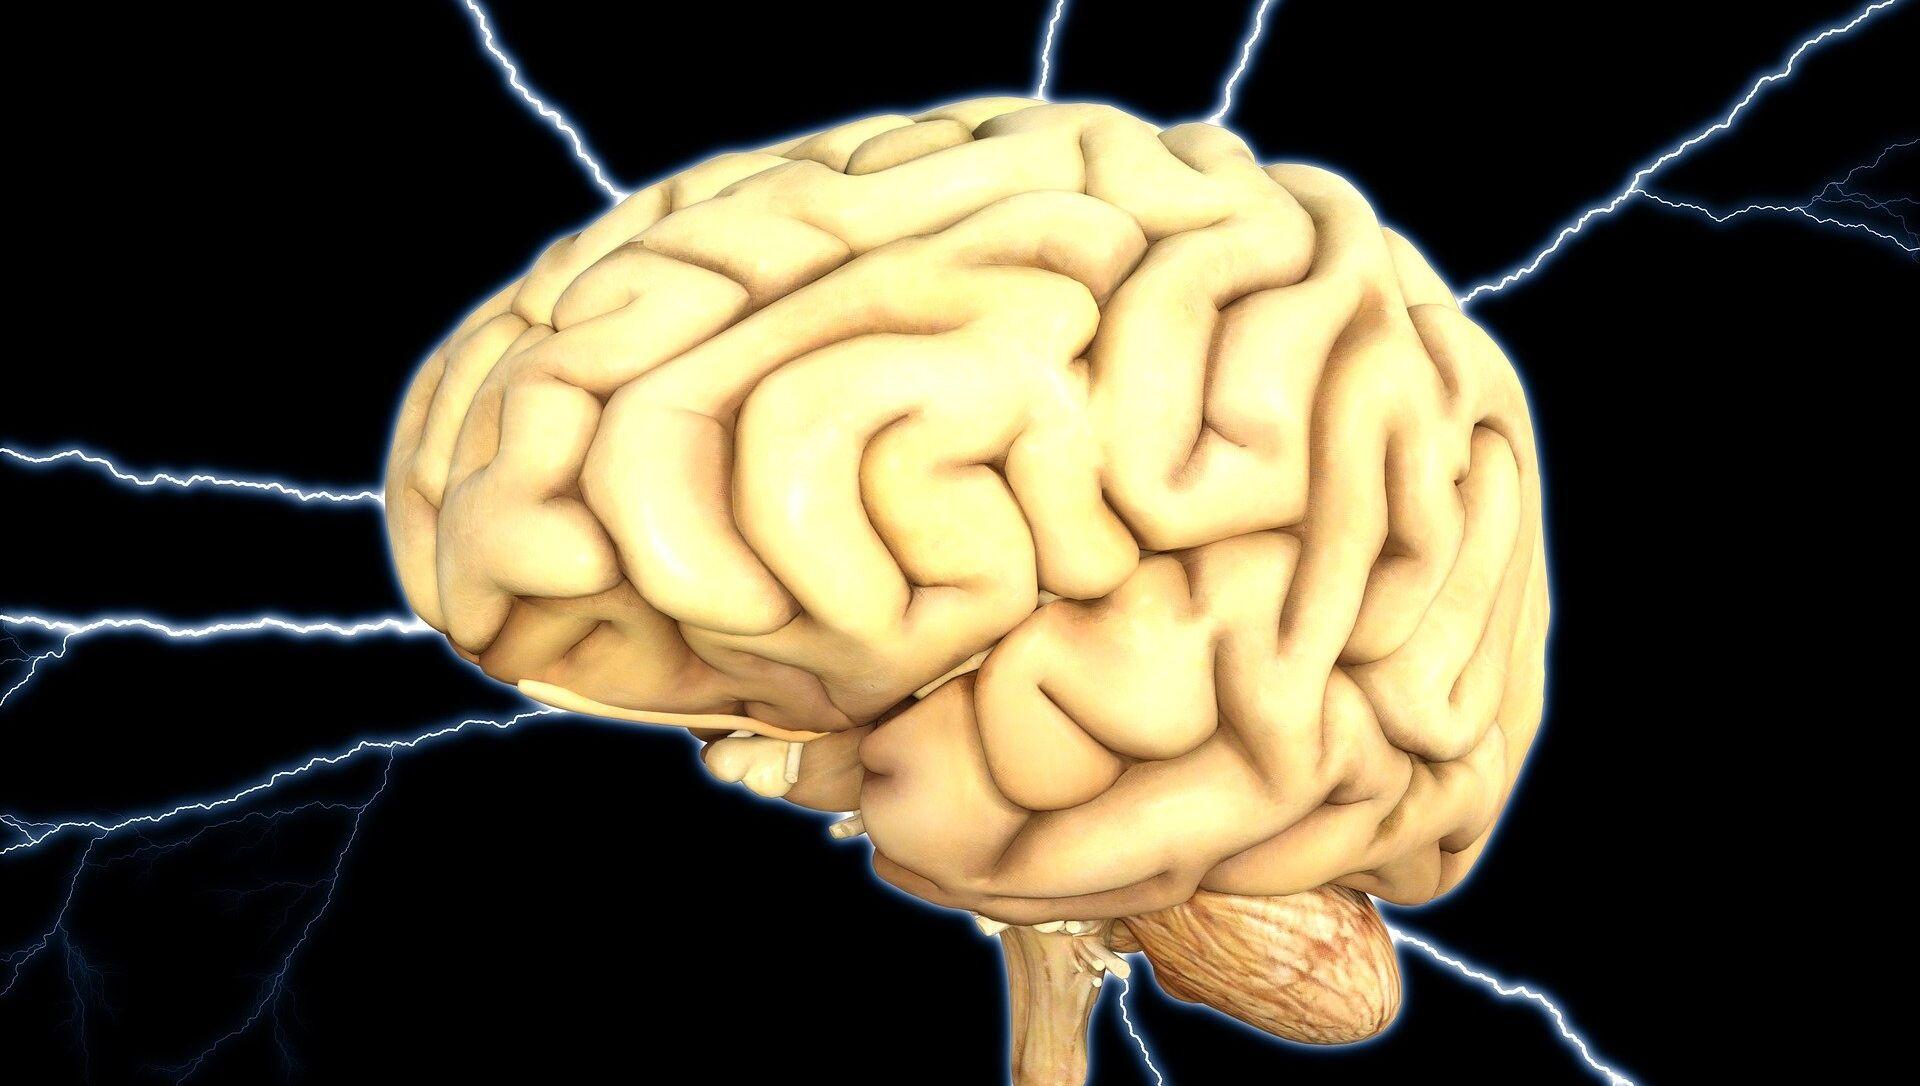 Cerebro (ilustración) - Sputnik Mundo, 1920, 30.04.2020